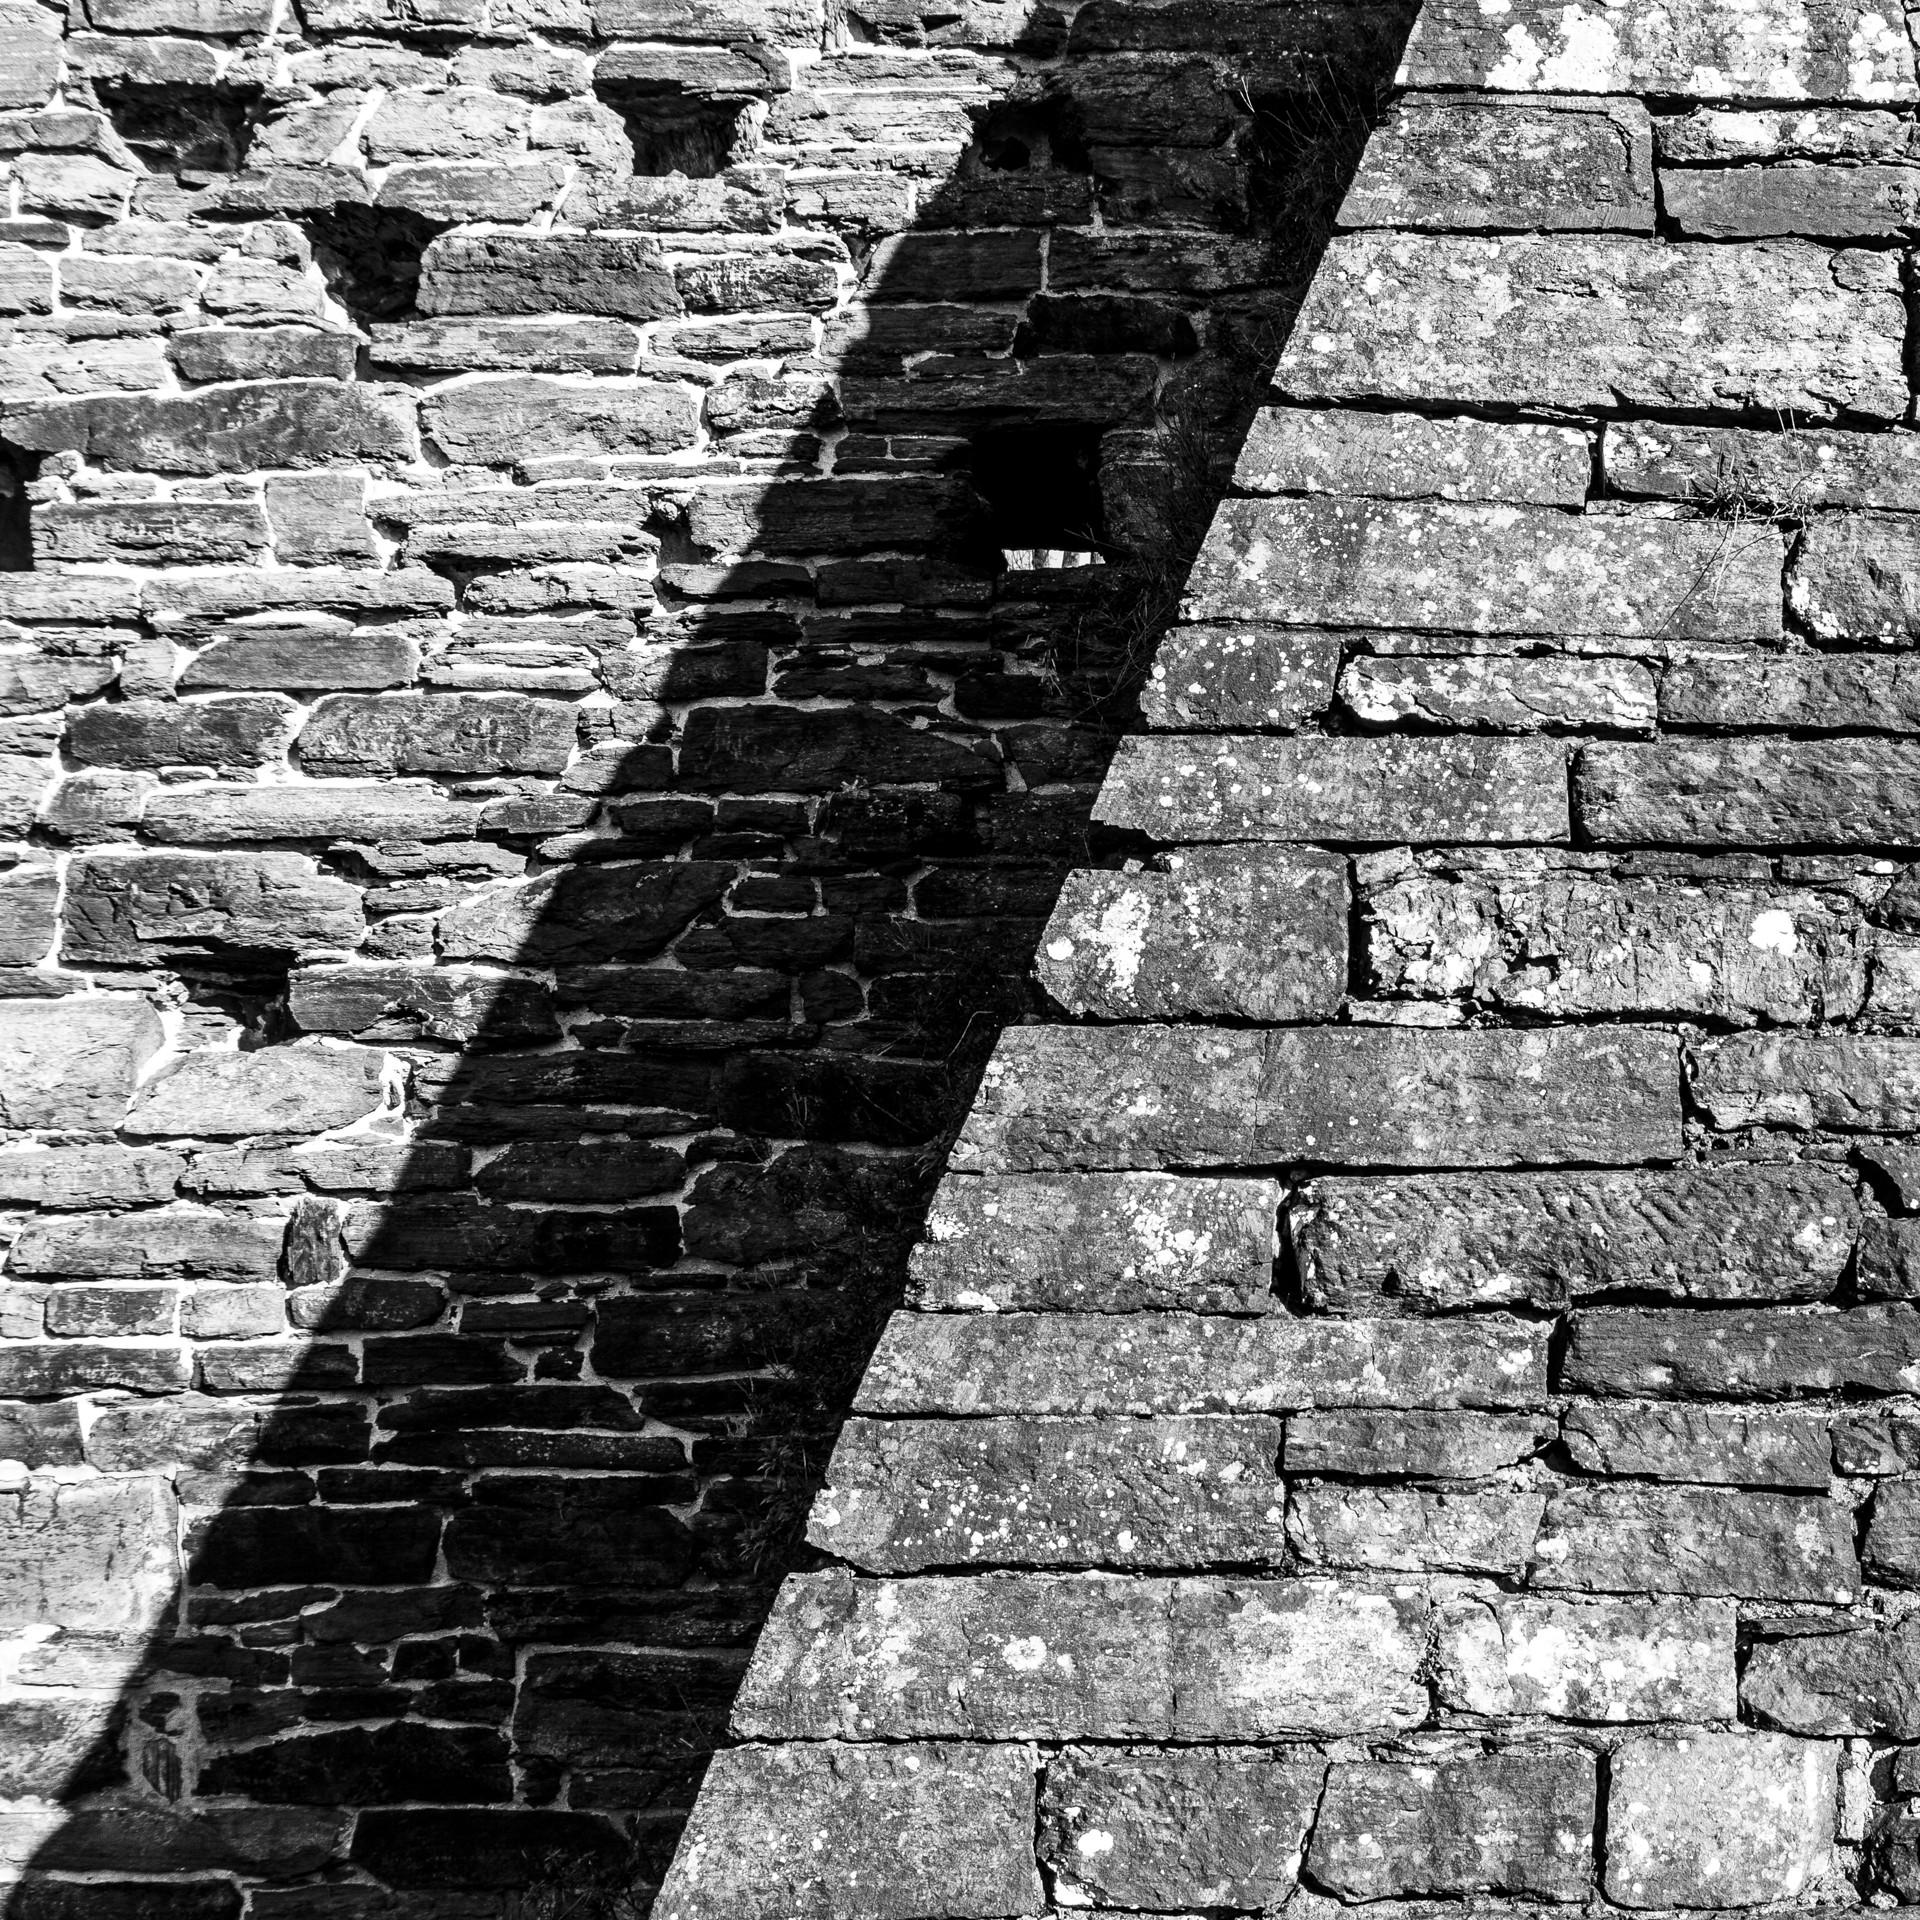 Mathias-180719-Black-and-White-Wall-7